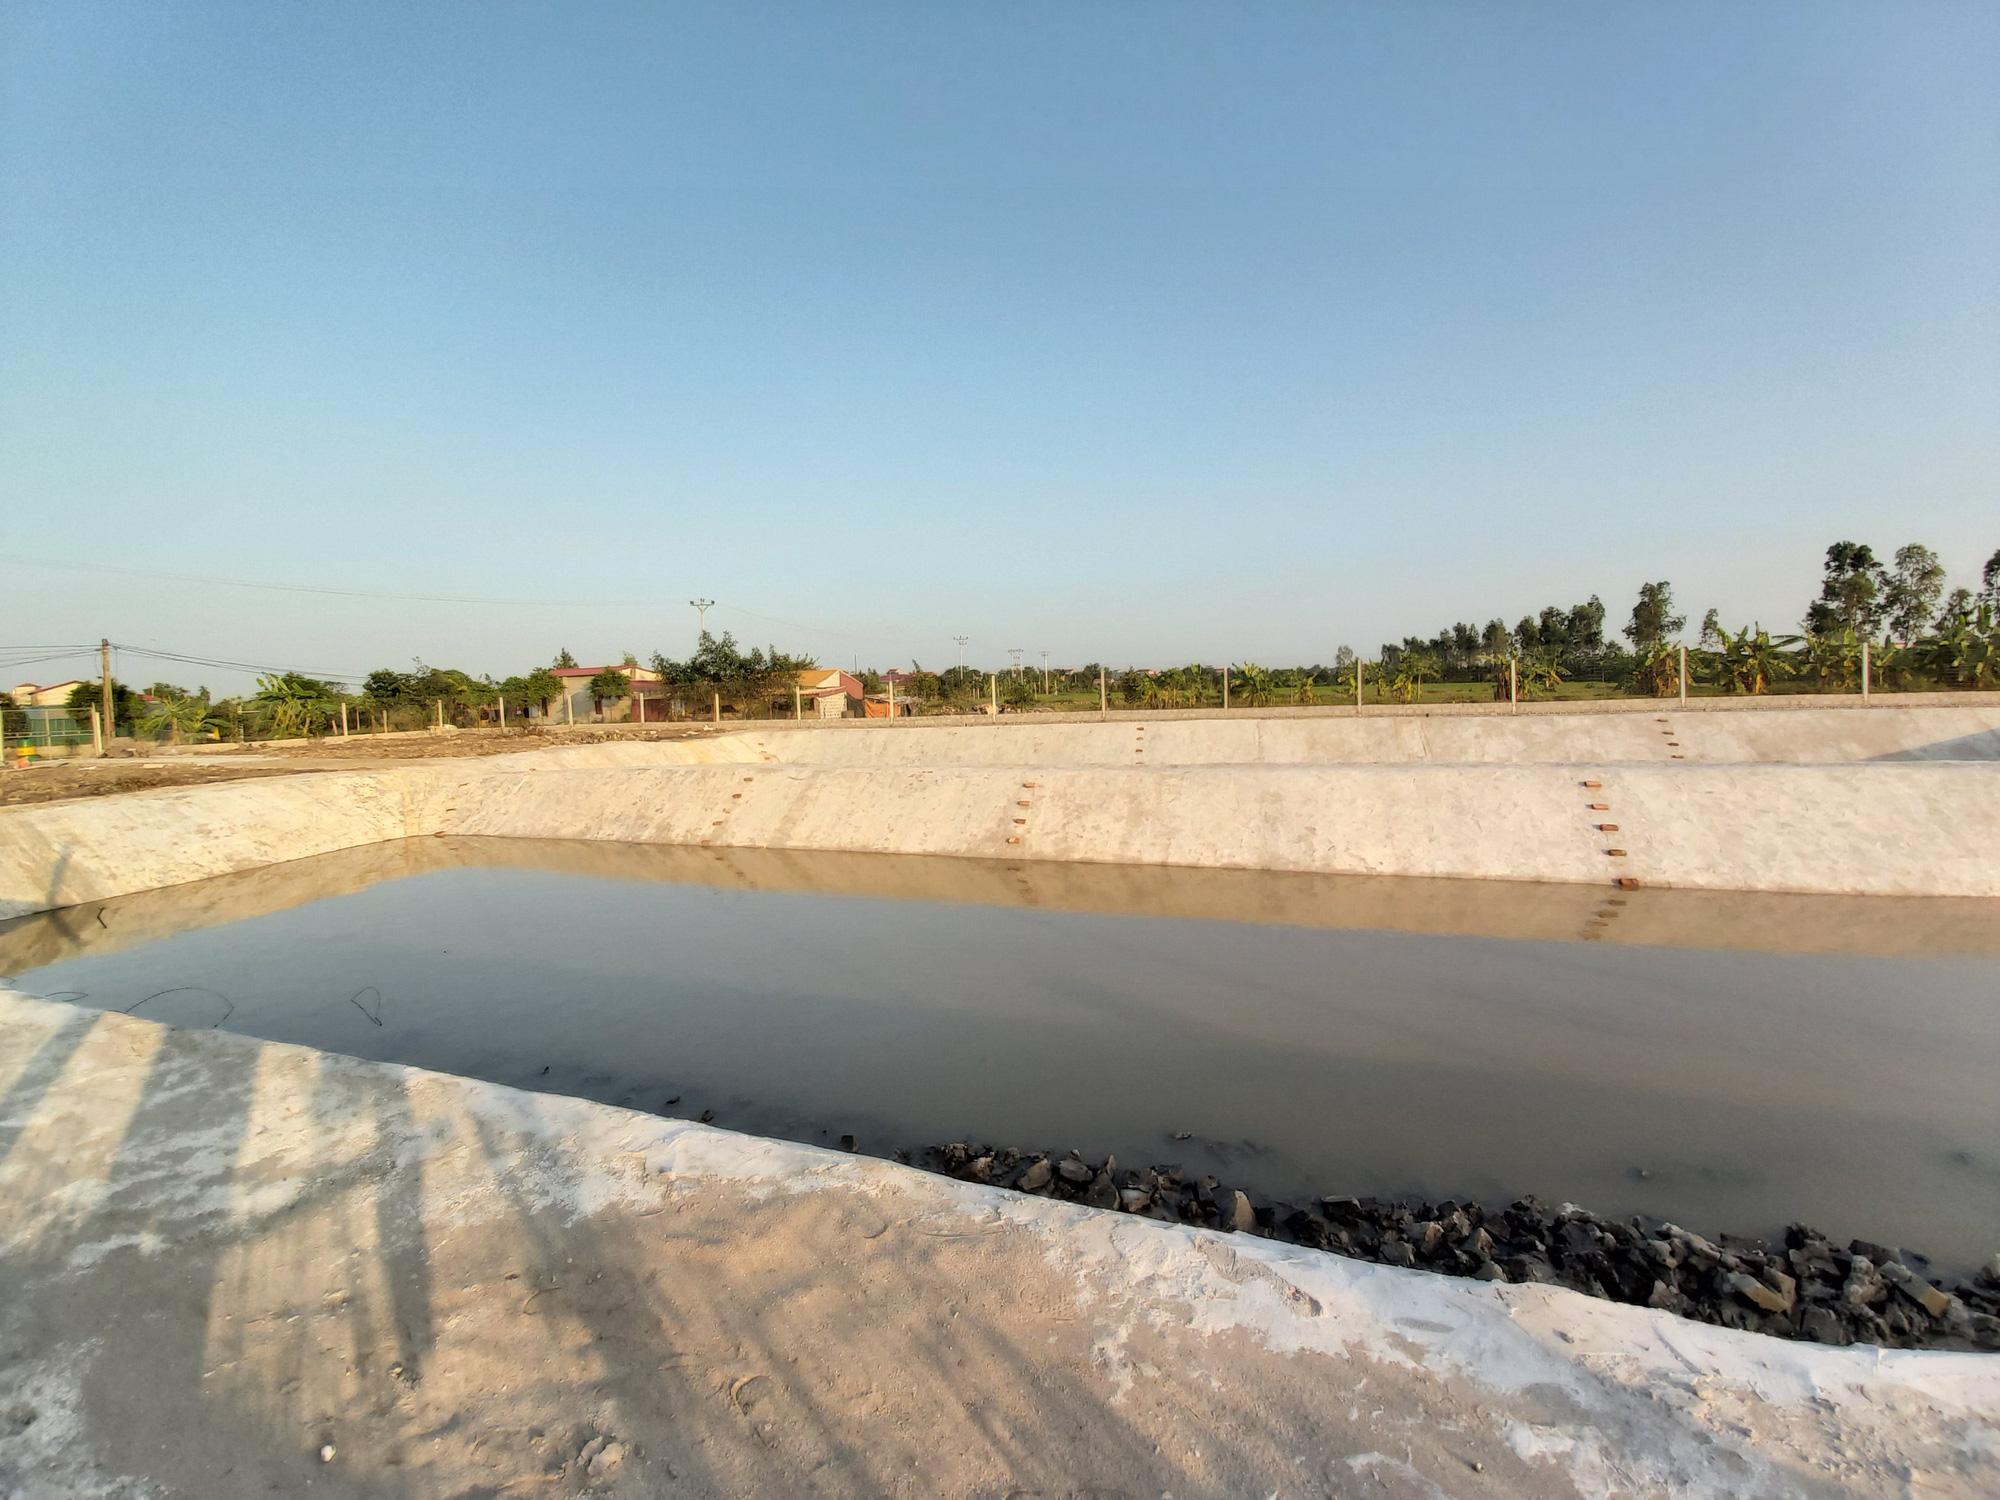 Hà Nội: Cho ba ba gai sống chung với cá chuối hoa, ông nông dân này nuôi nhàn tênh, bán giá nửa triệu đồng/kg - Ảnh 8.